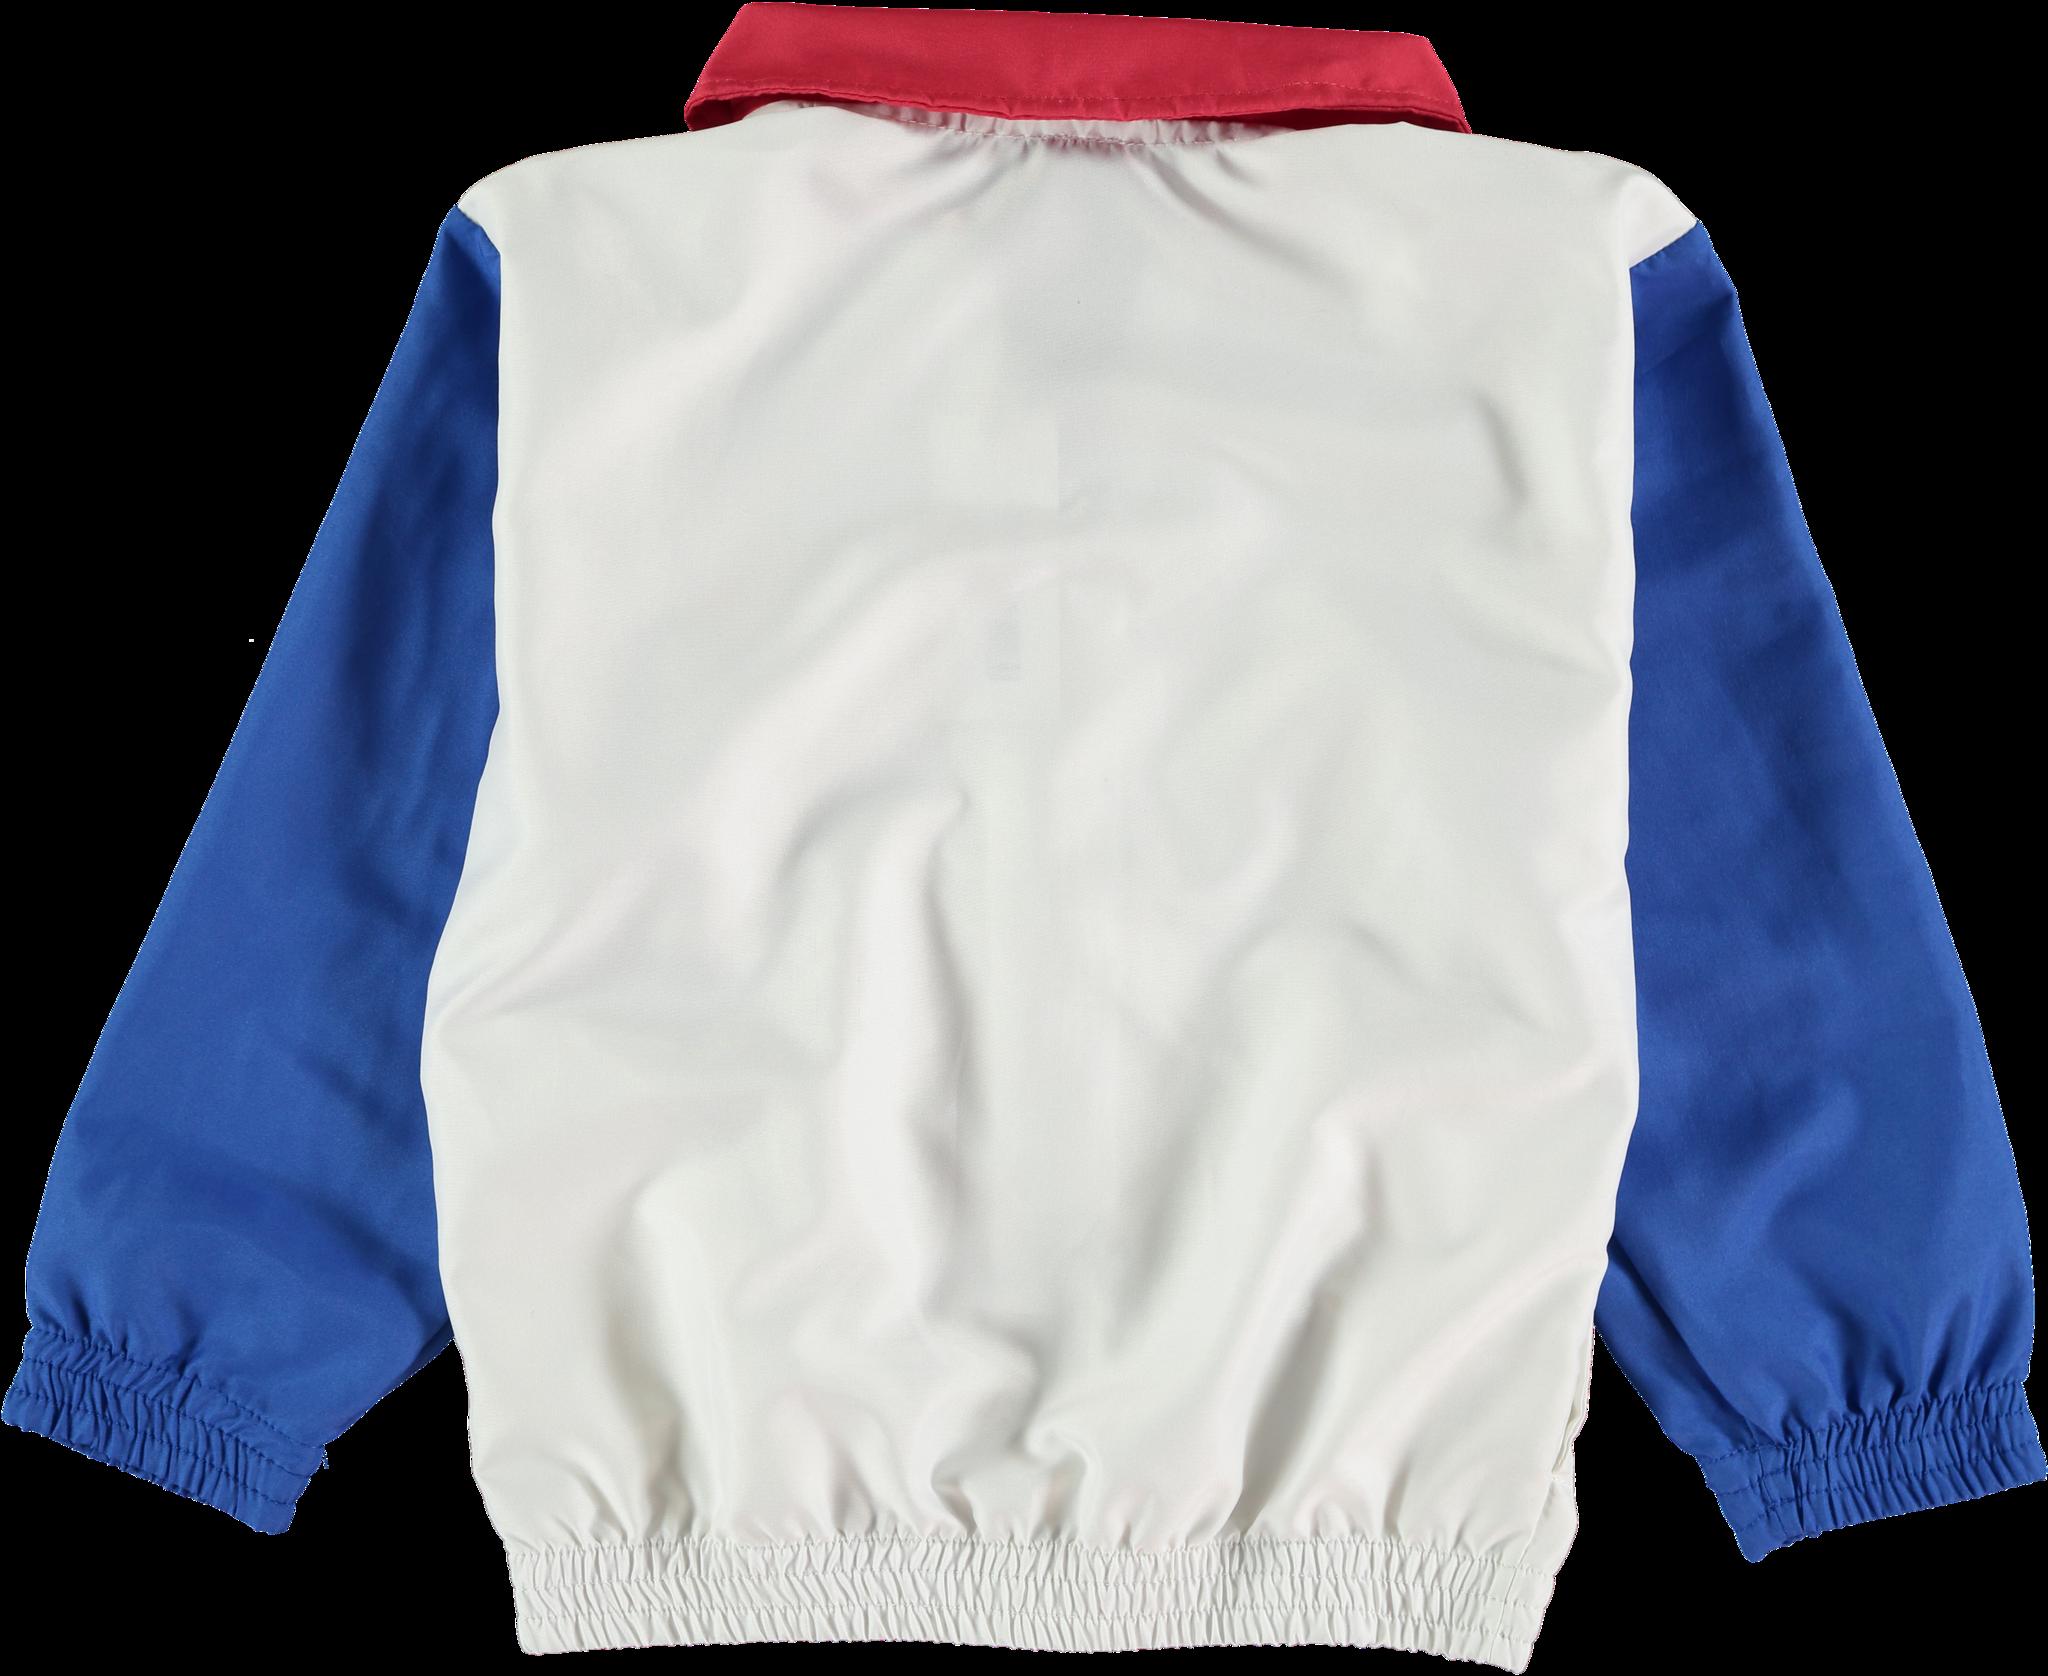 Wind jacket bm-2